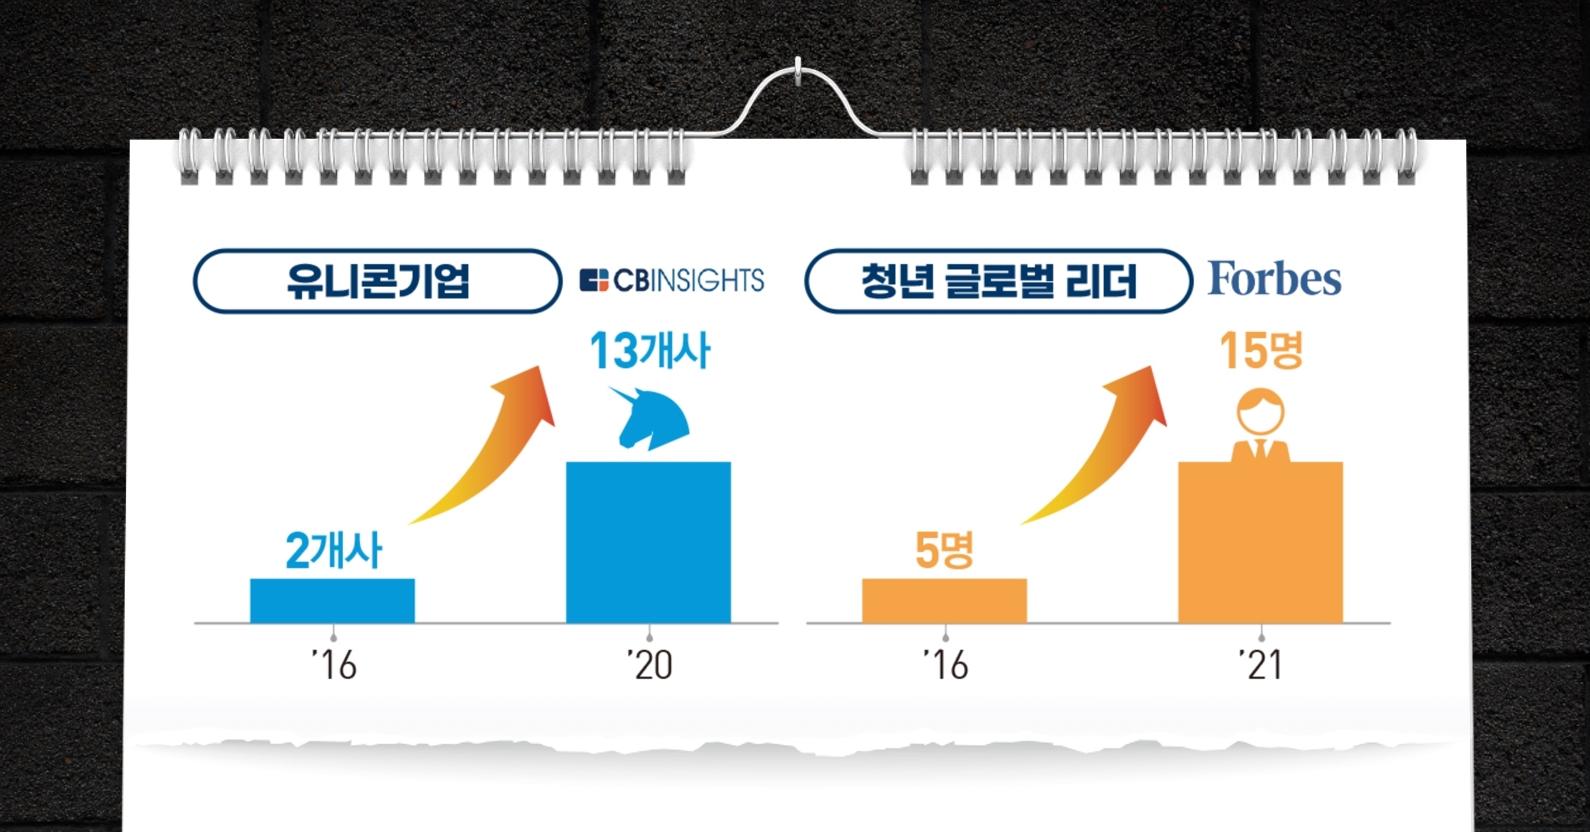 유니콘기업, 청년글로벌리더 증가 수치 (출처 : 중소기업벤처부 한국창업생태계의 변화분석)